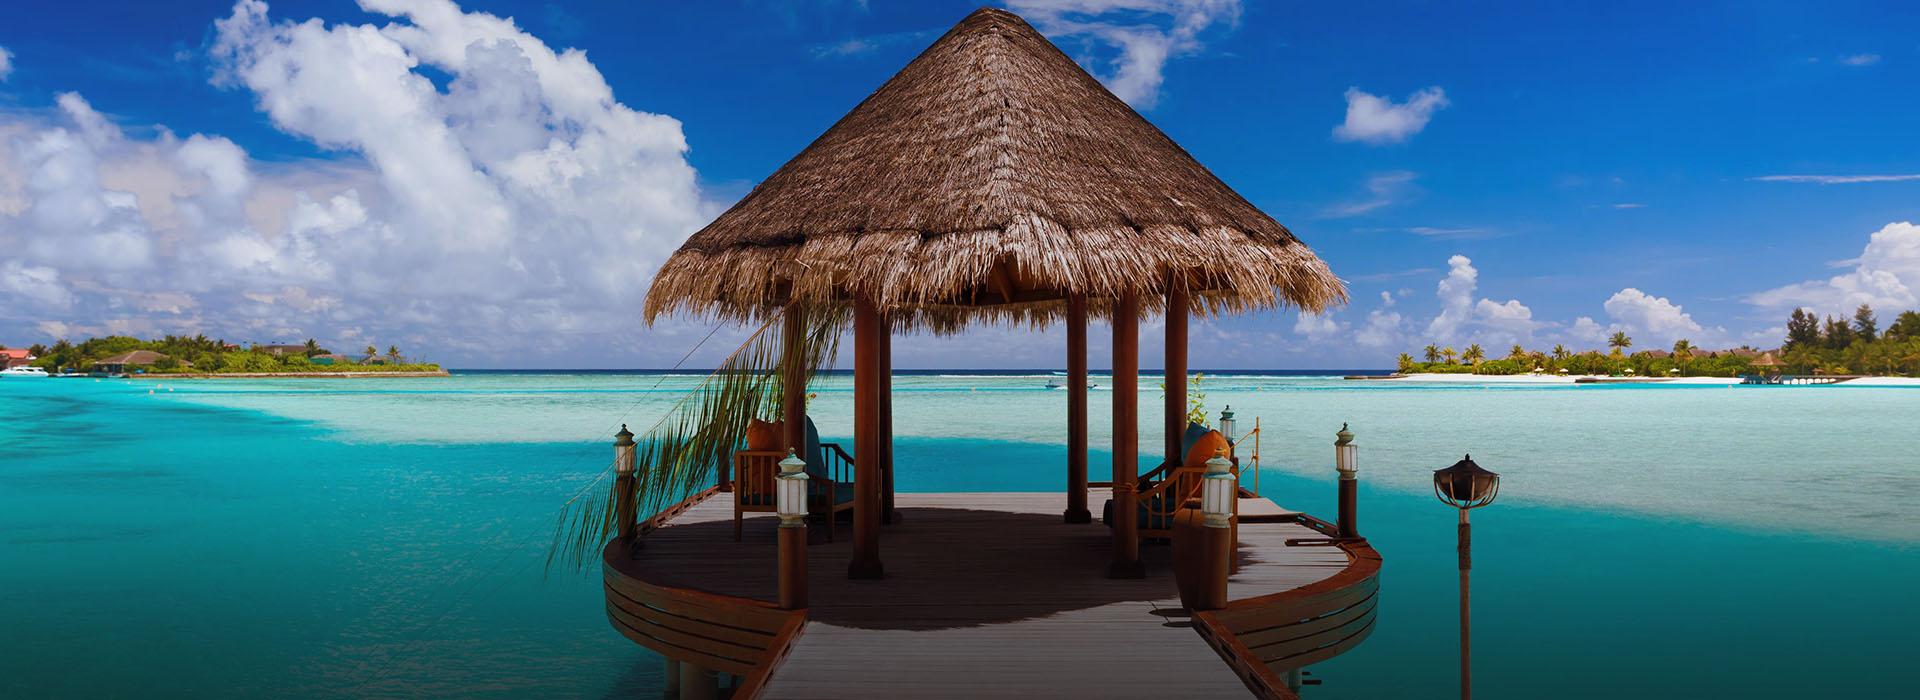 Hoelang Is Het Vliegen Naar Bora Bora Frans Polynesië